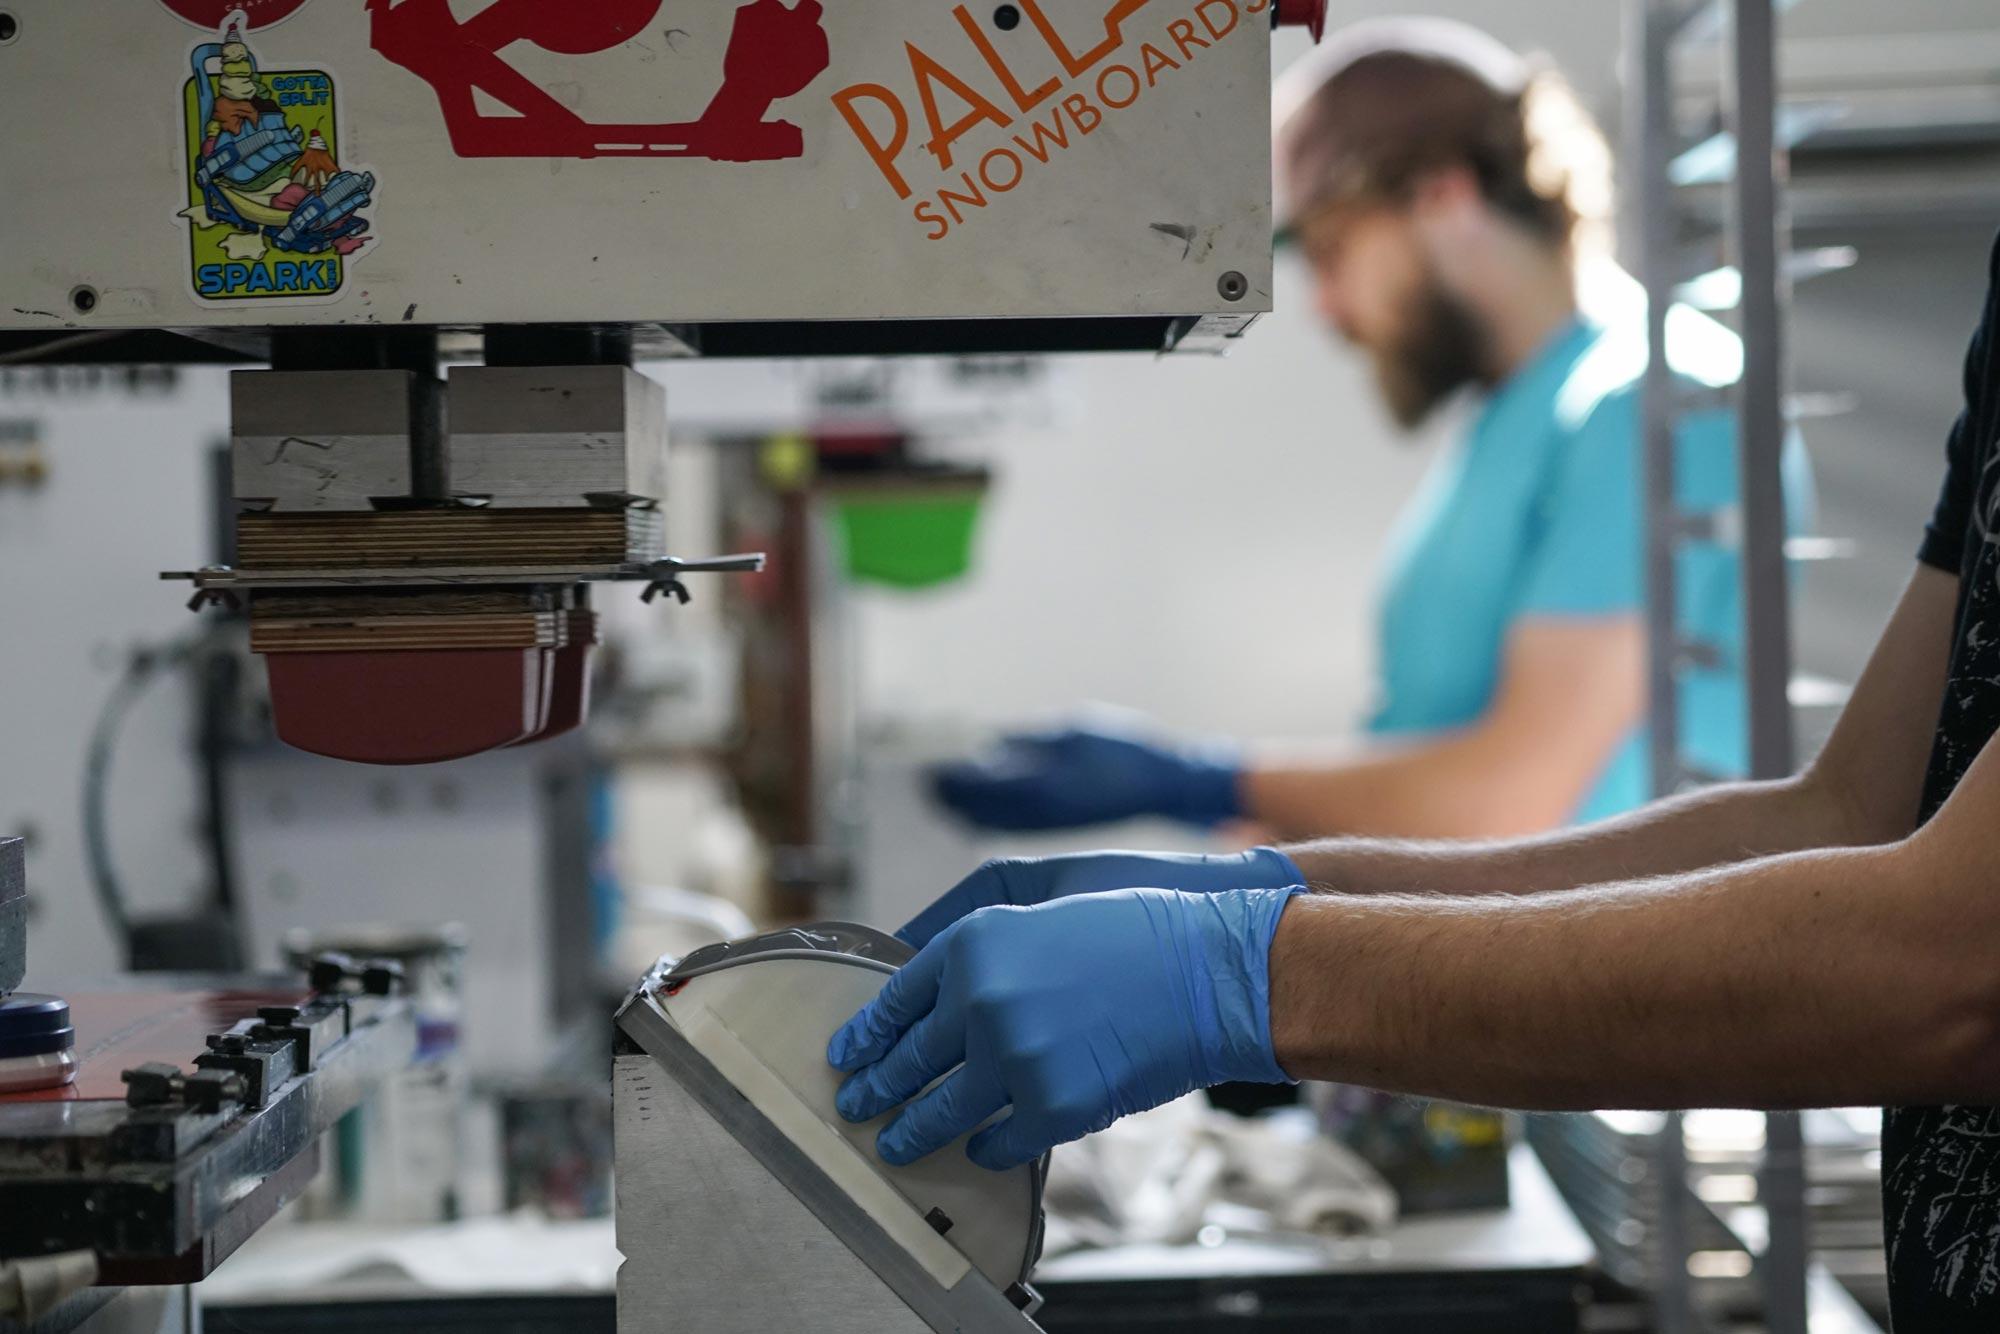 Pad printing at Spark R&D